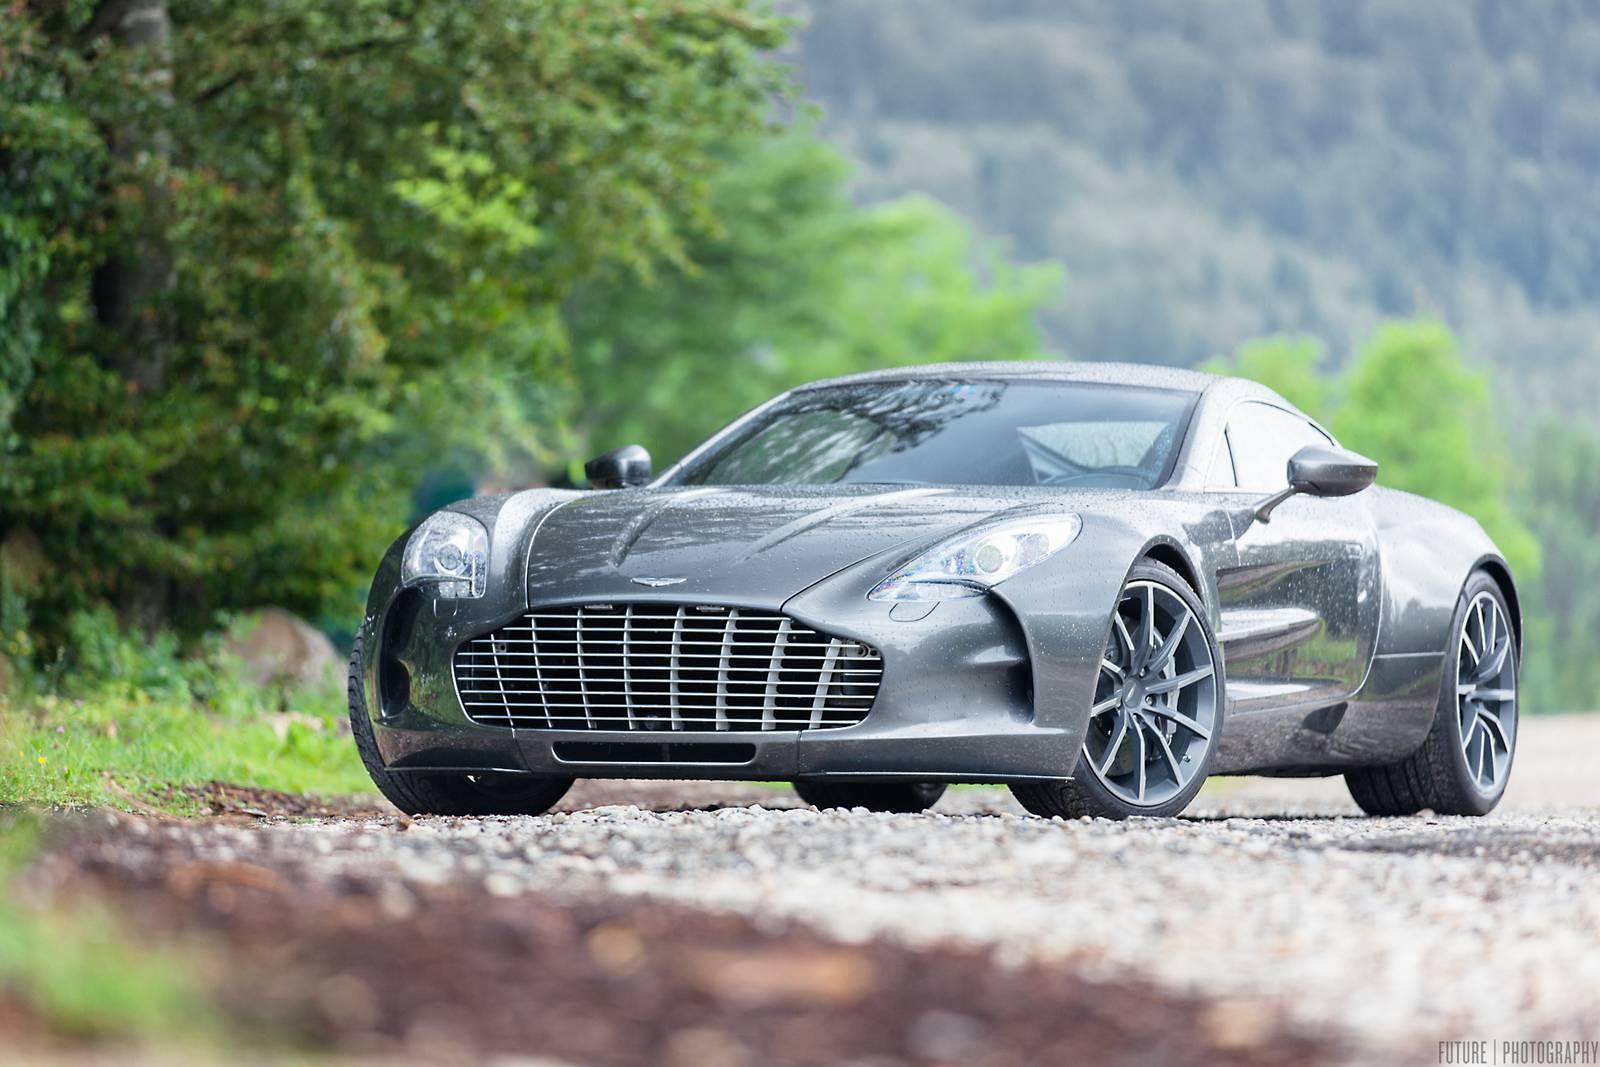 Stunning Aston Martin One 77 Photoshoot Gtspirit